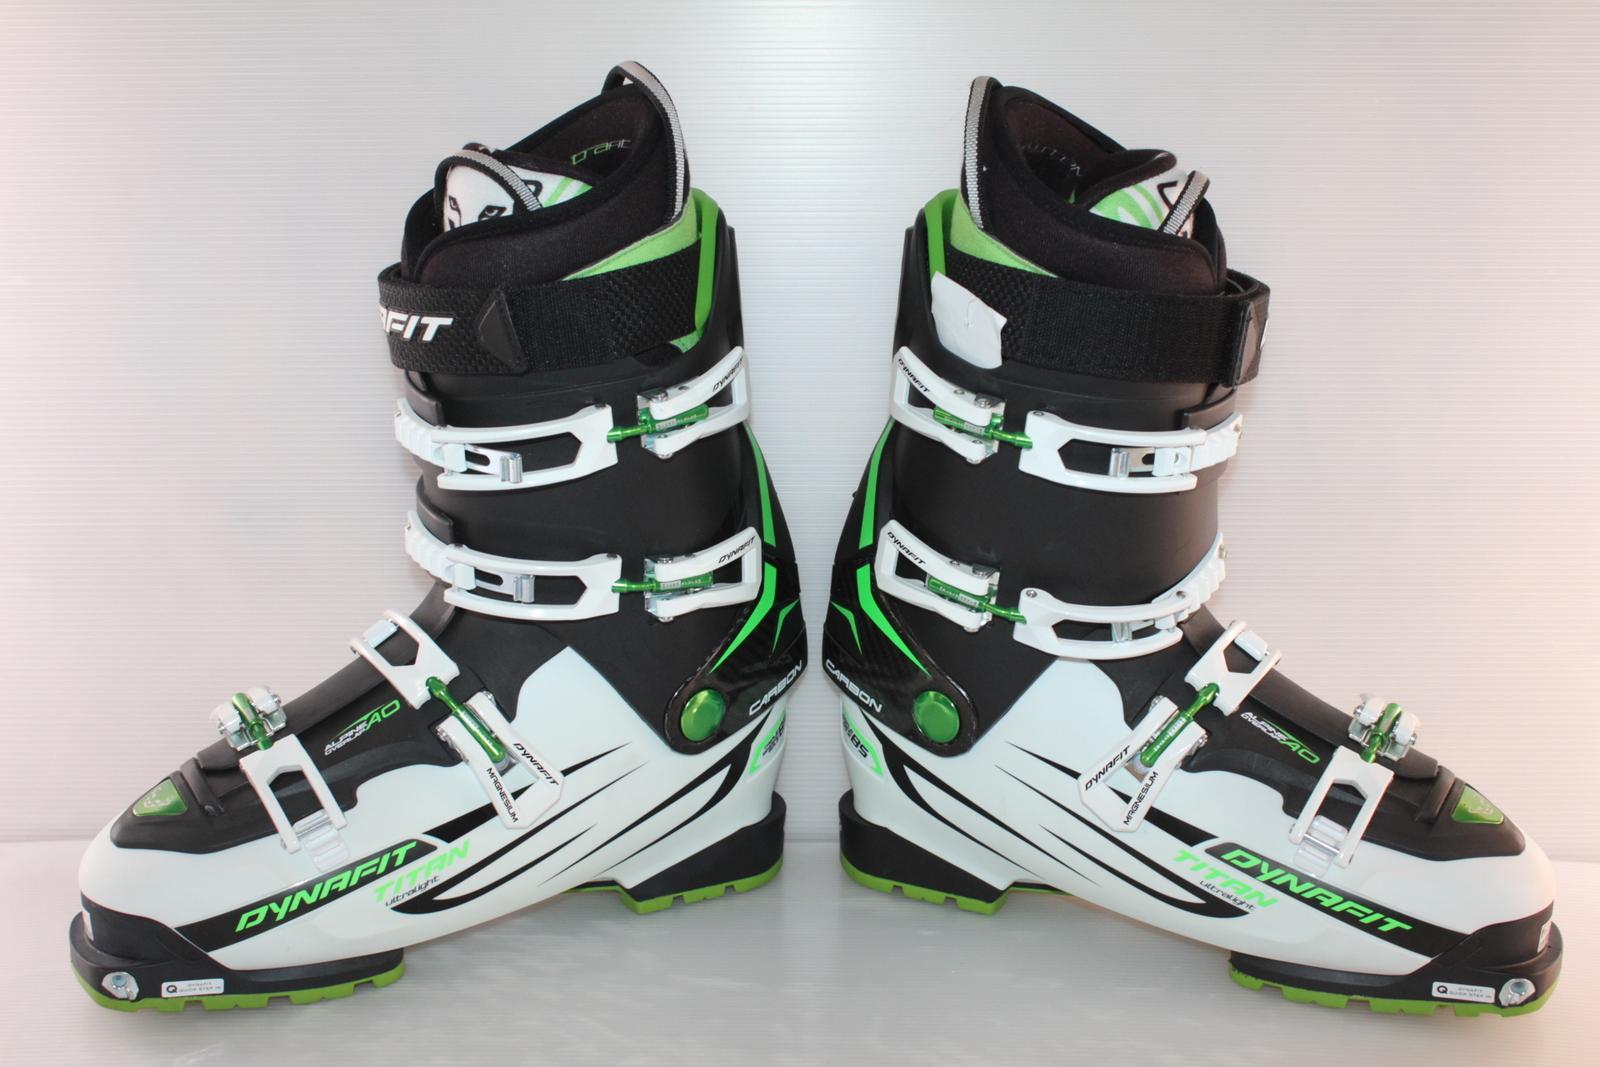 Skialpové boty Dynafit UltraLight - skialp vel. EU46